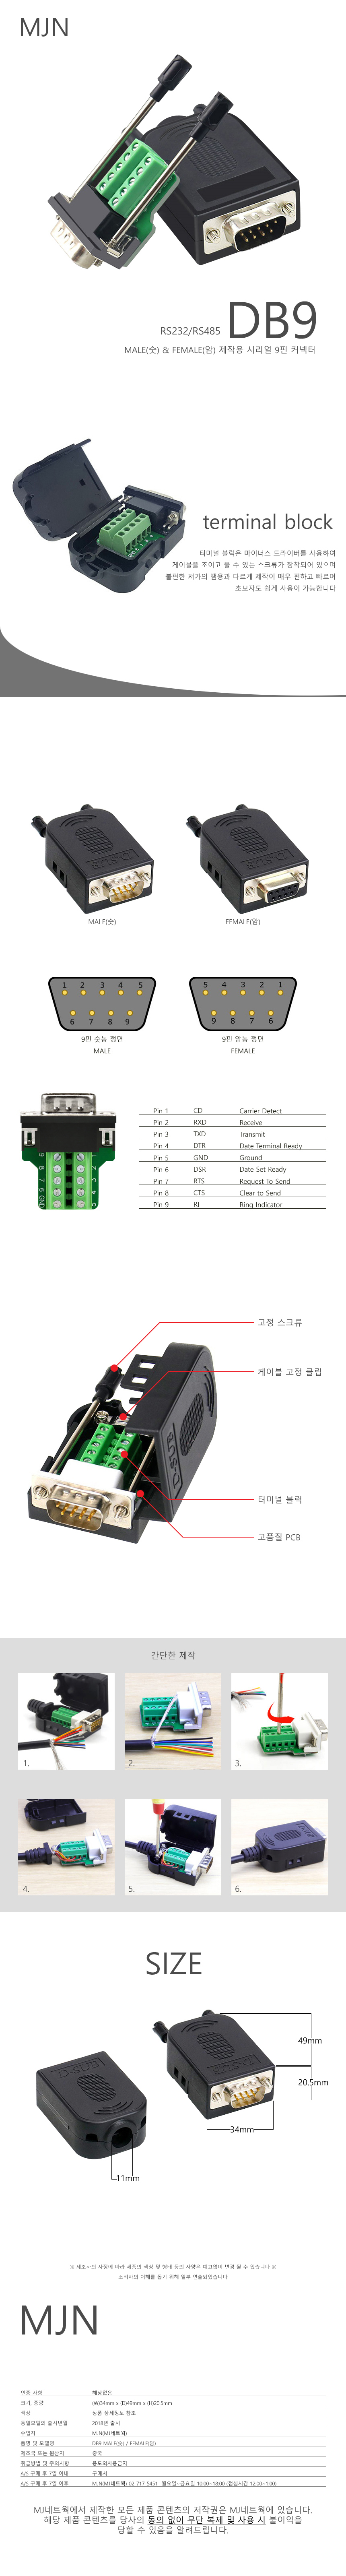 MJ네트웍 MJN DB9F 터미널 방식 시리얼 9핀 커넥터 (암)